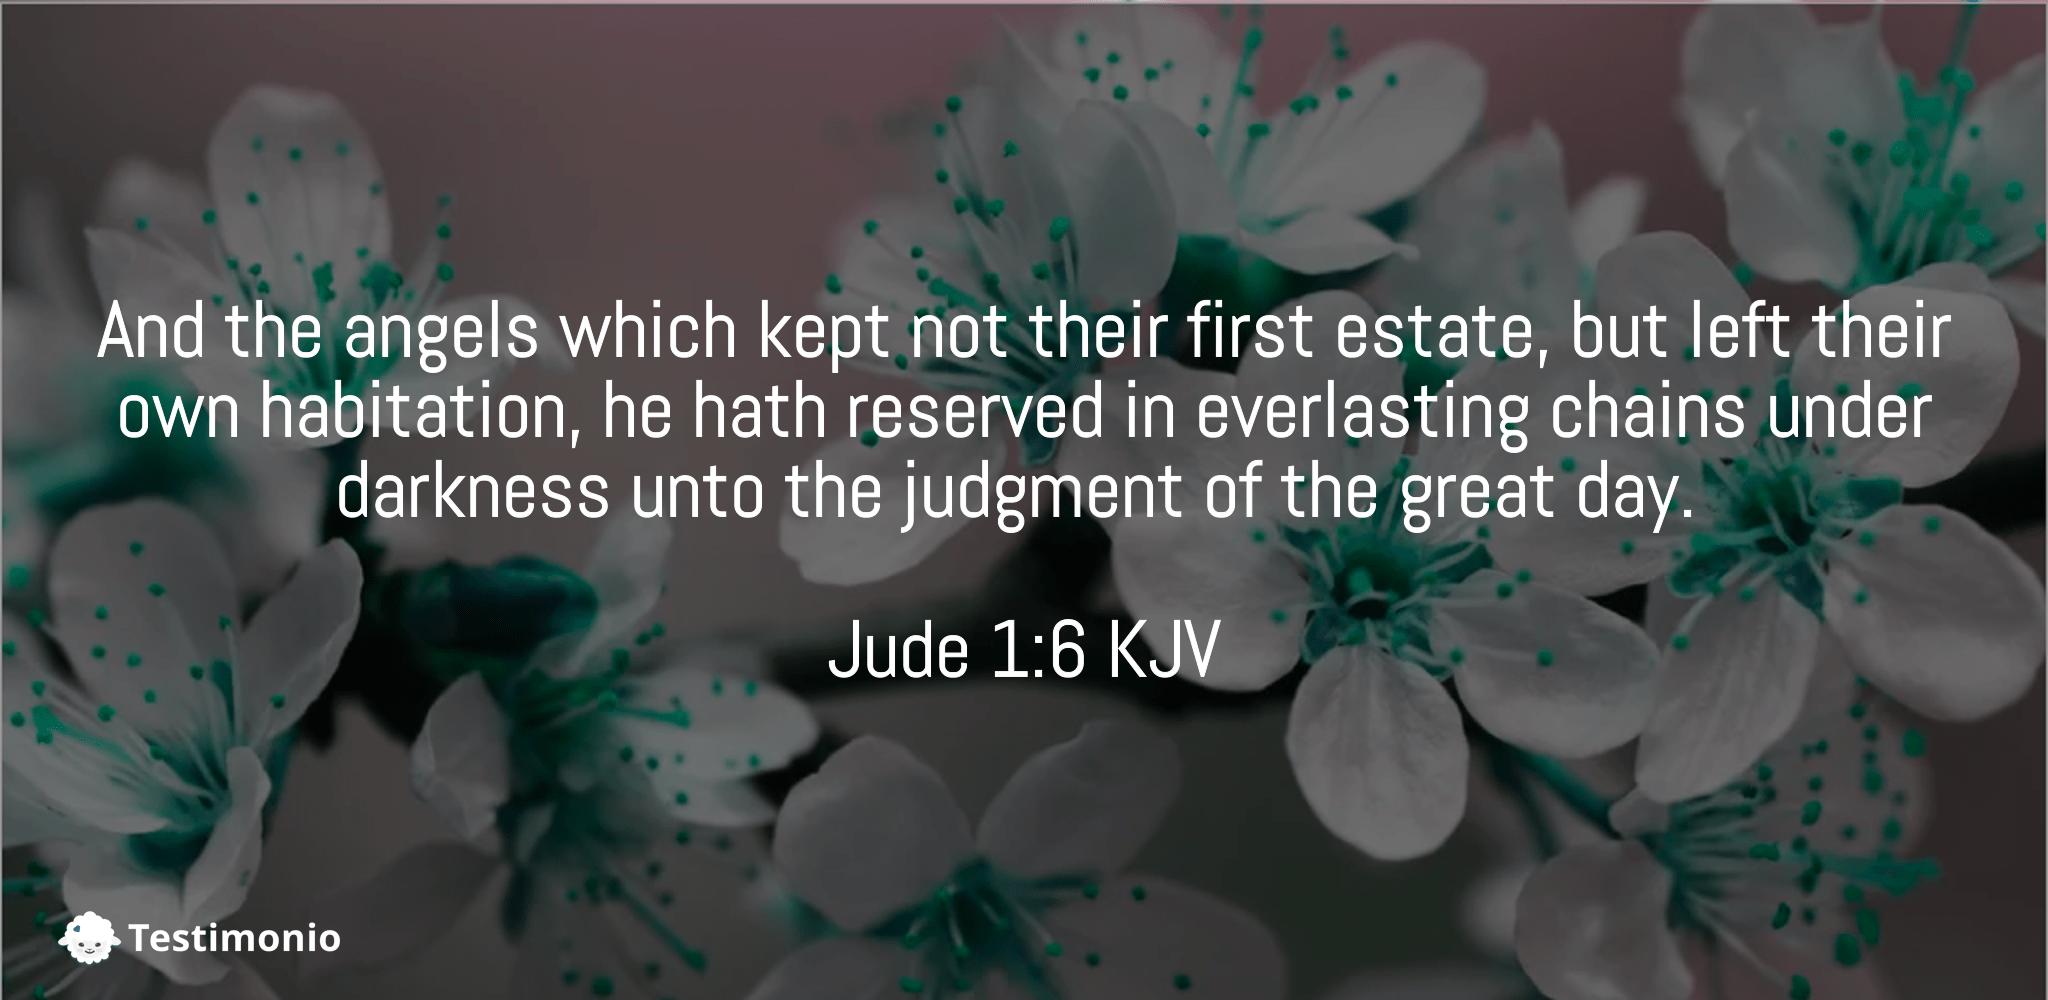 Jude 1:6